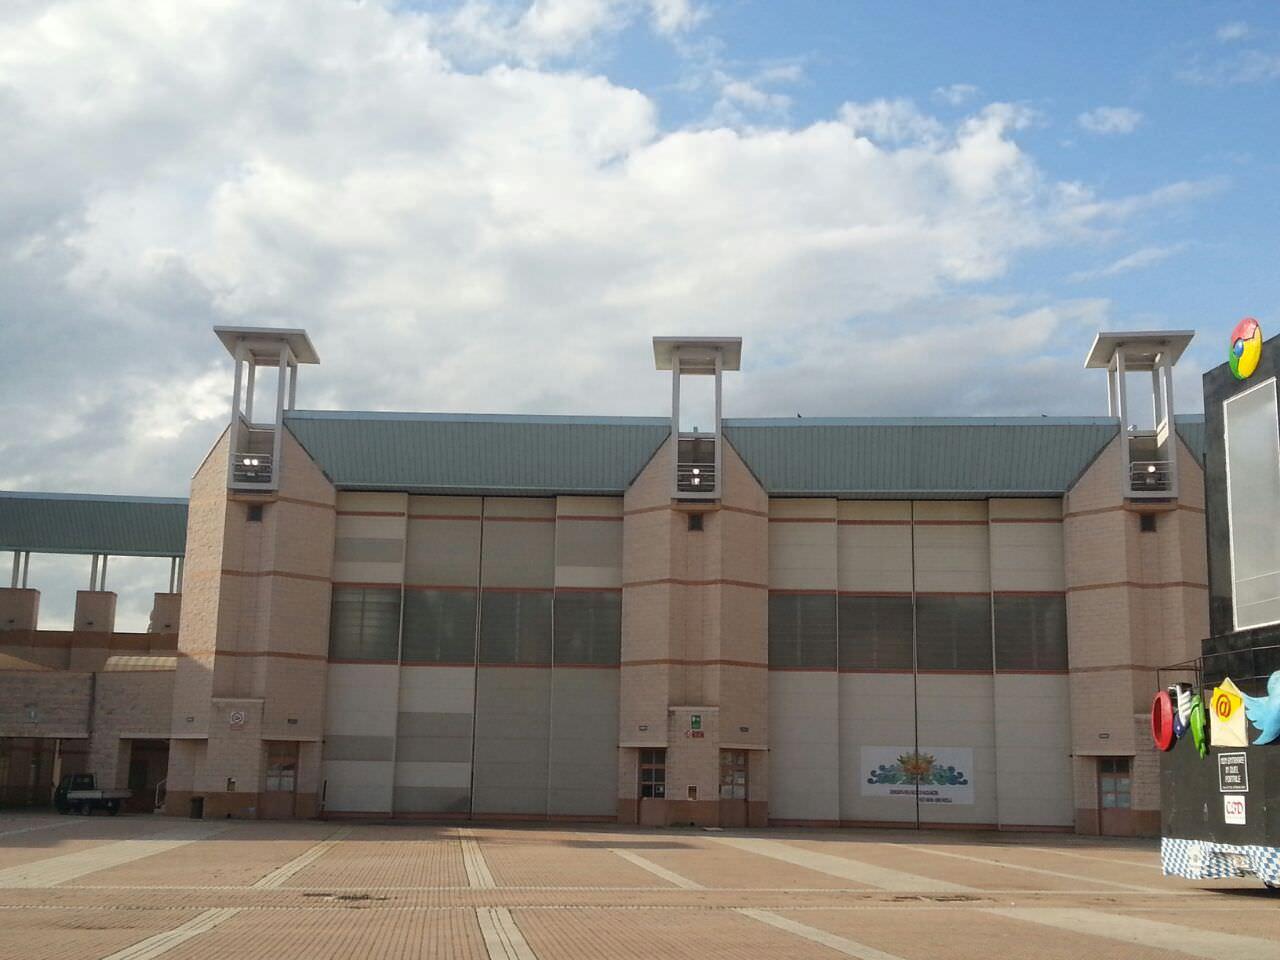 Luci a led e impianto fotovoltaico alla Cittadella, le idee di Pozzoli per abbattere i costi